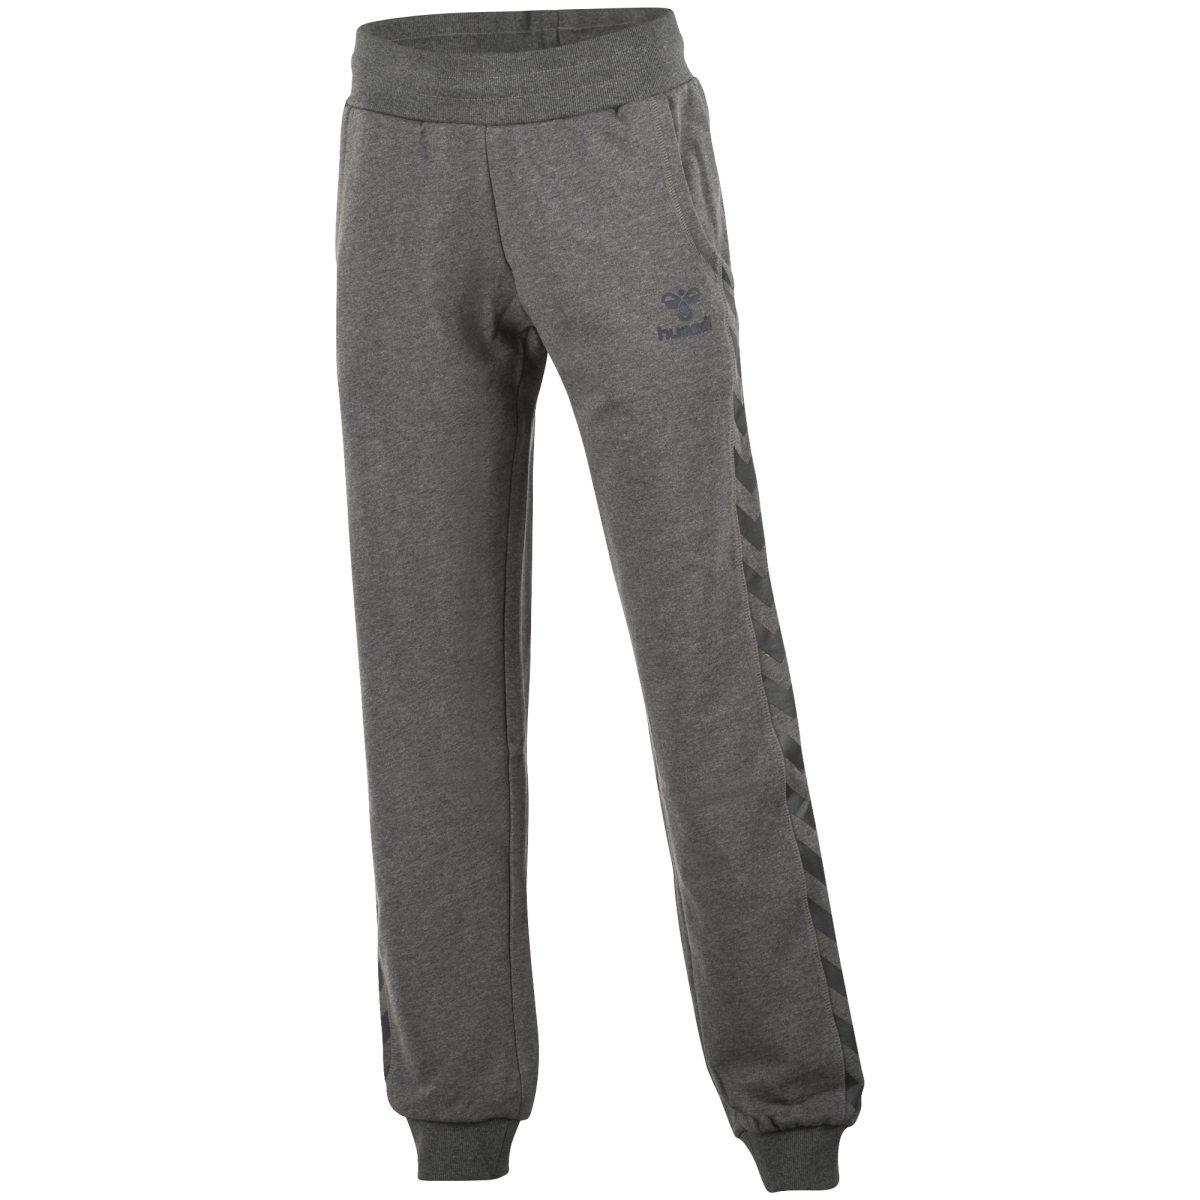 Handla från hela världen hos PricePi. Hot Pants grey melange XS 6bcf48321bbd5